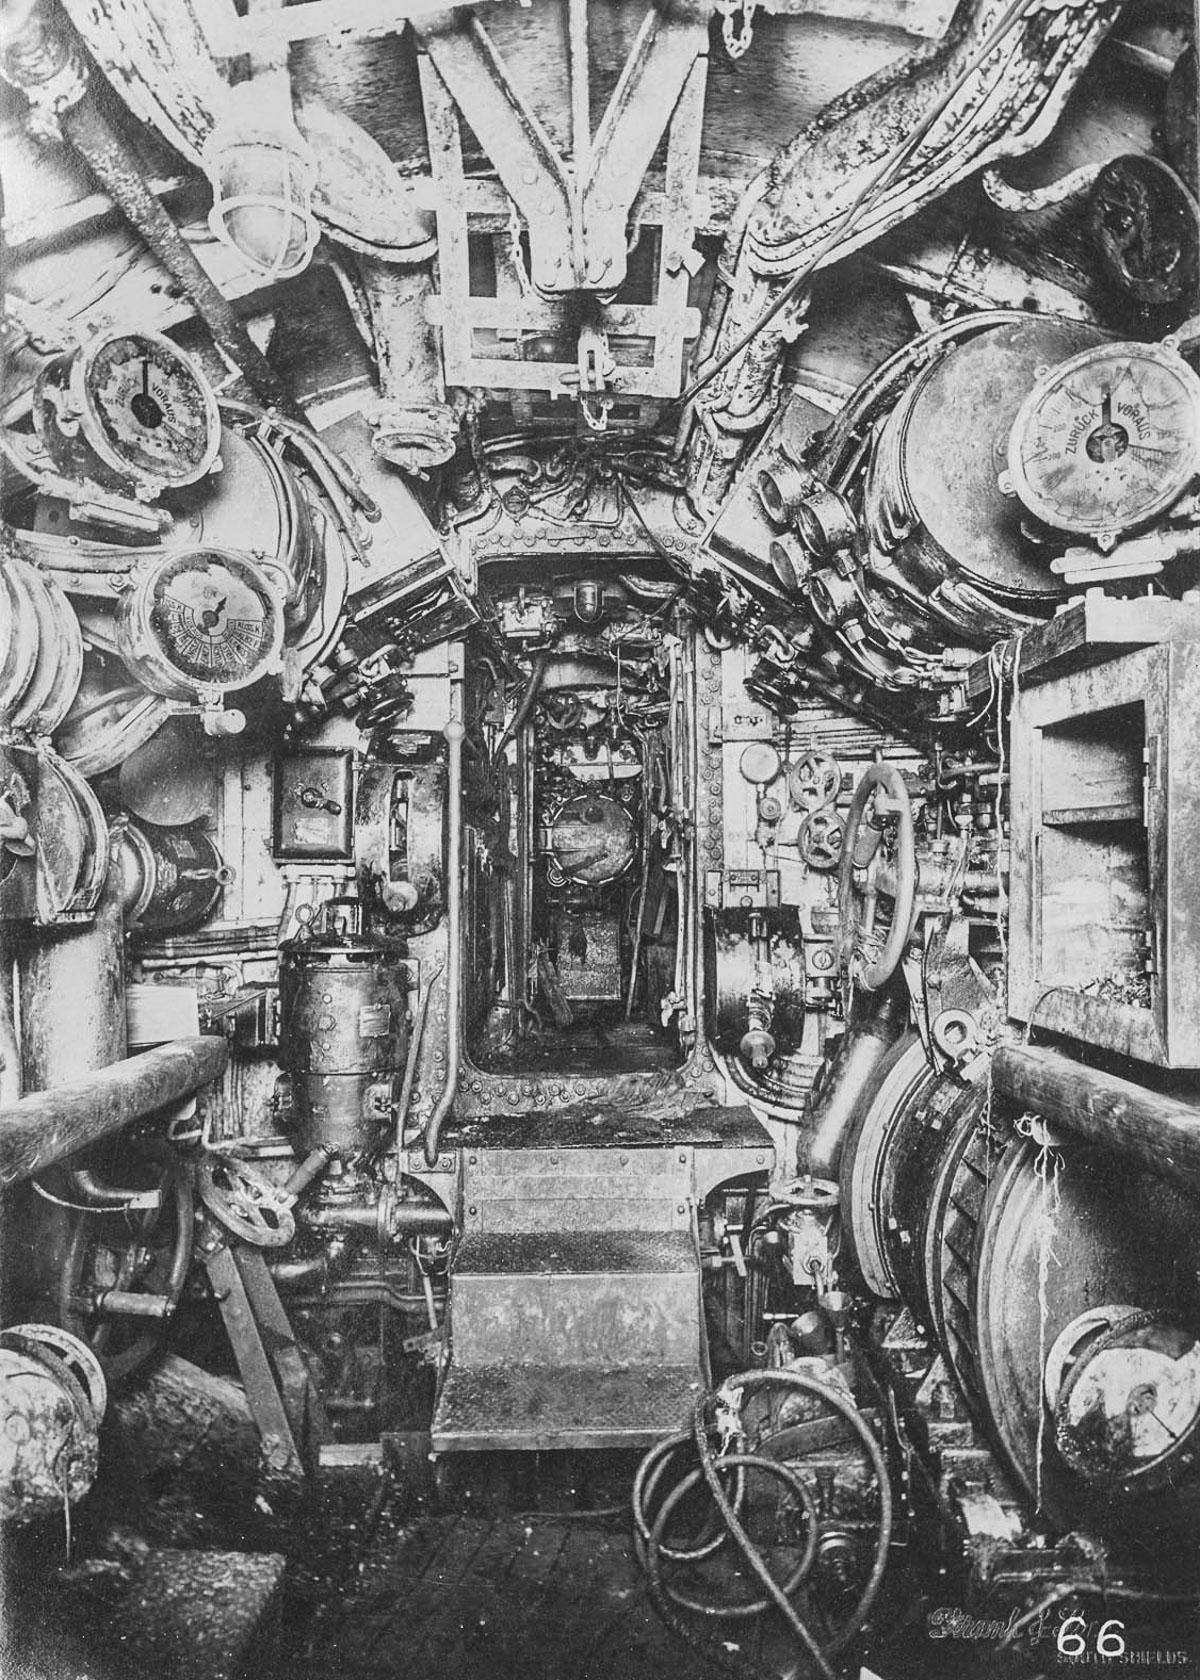 Vnutri-nemetskoy-podvodnoy-lodki-foto_16